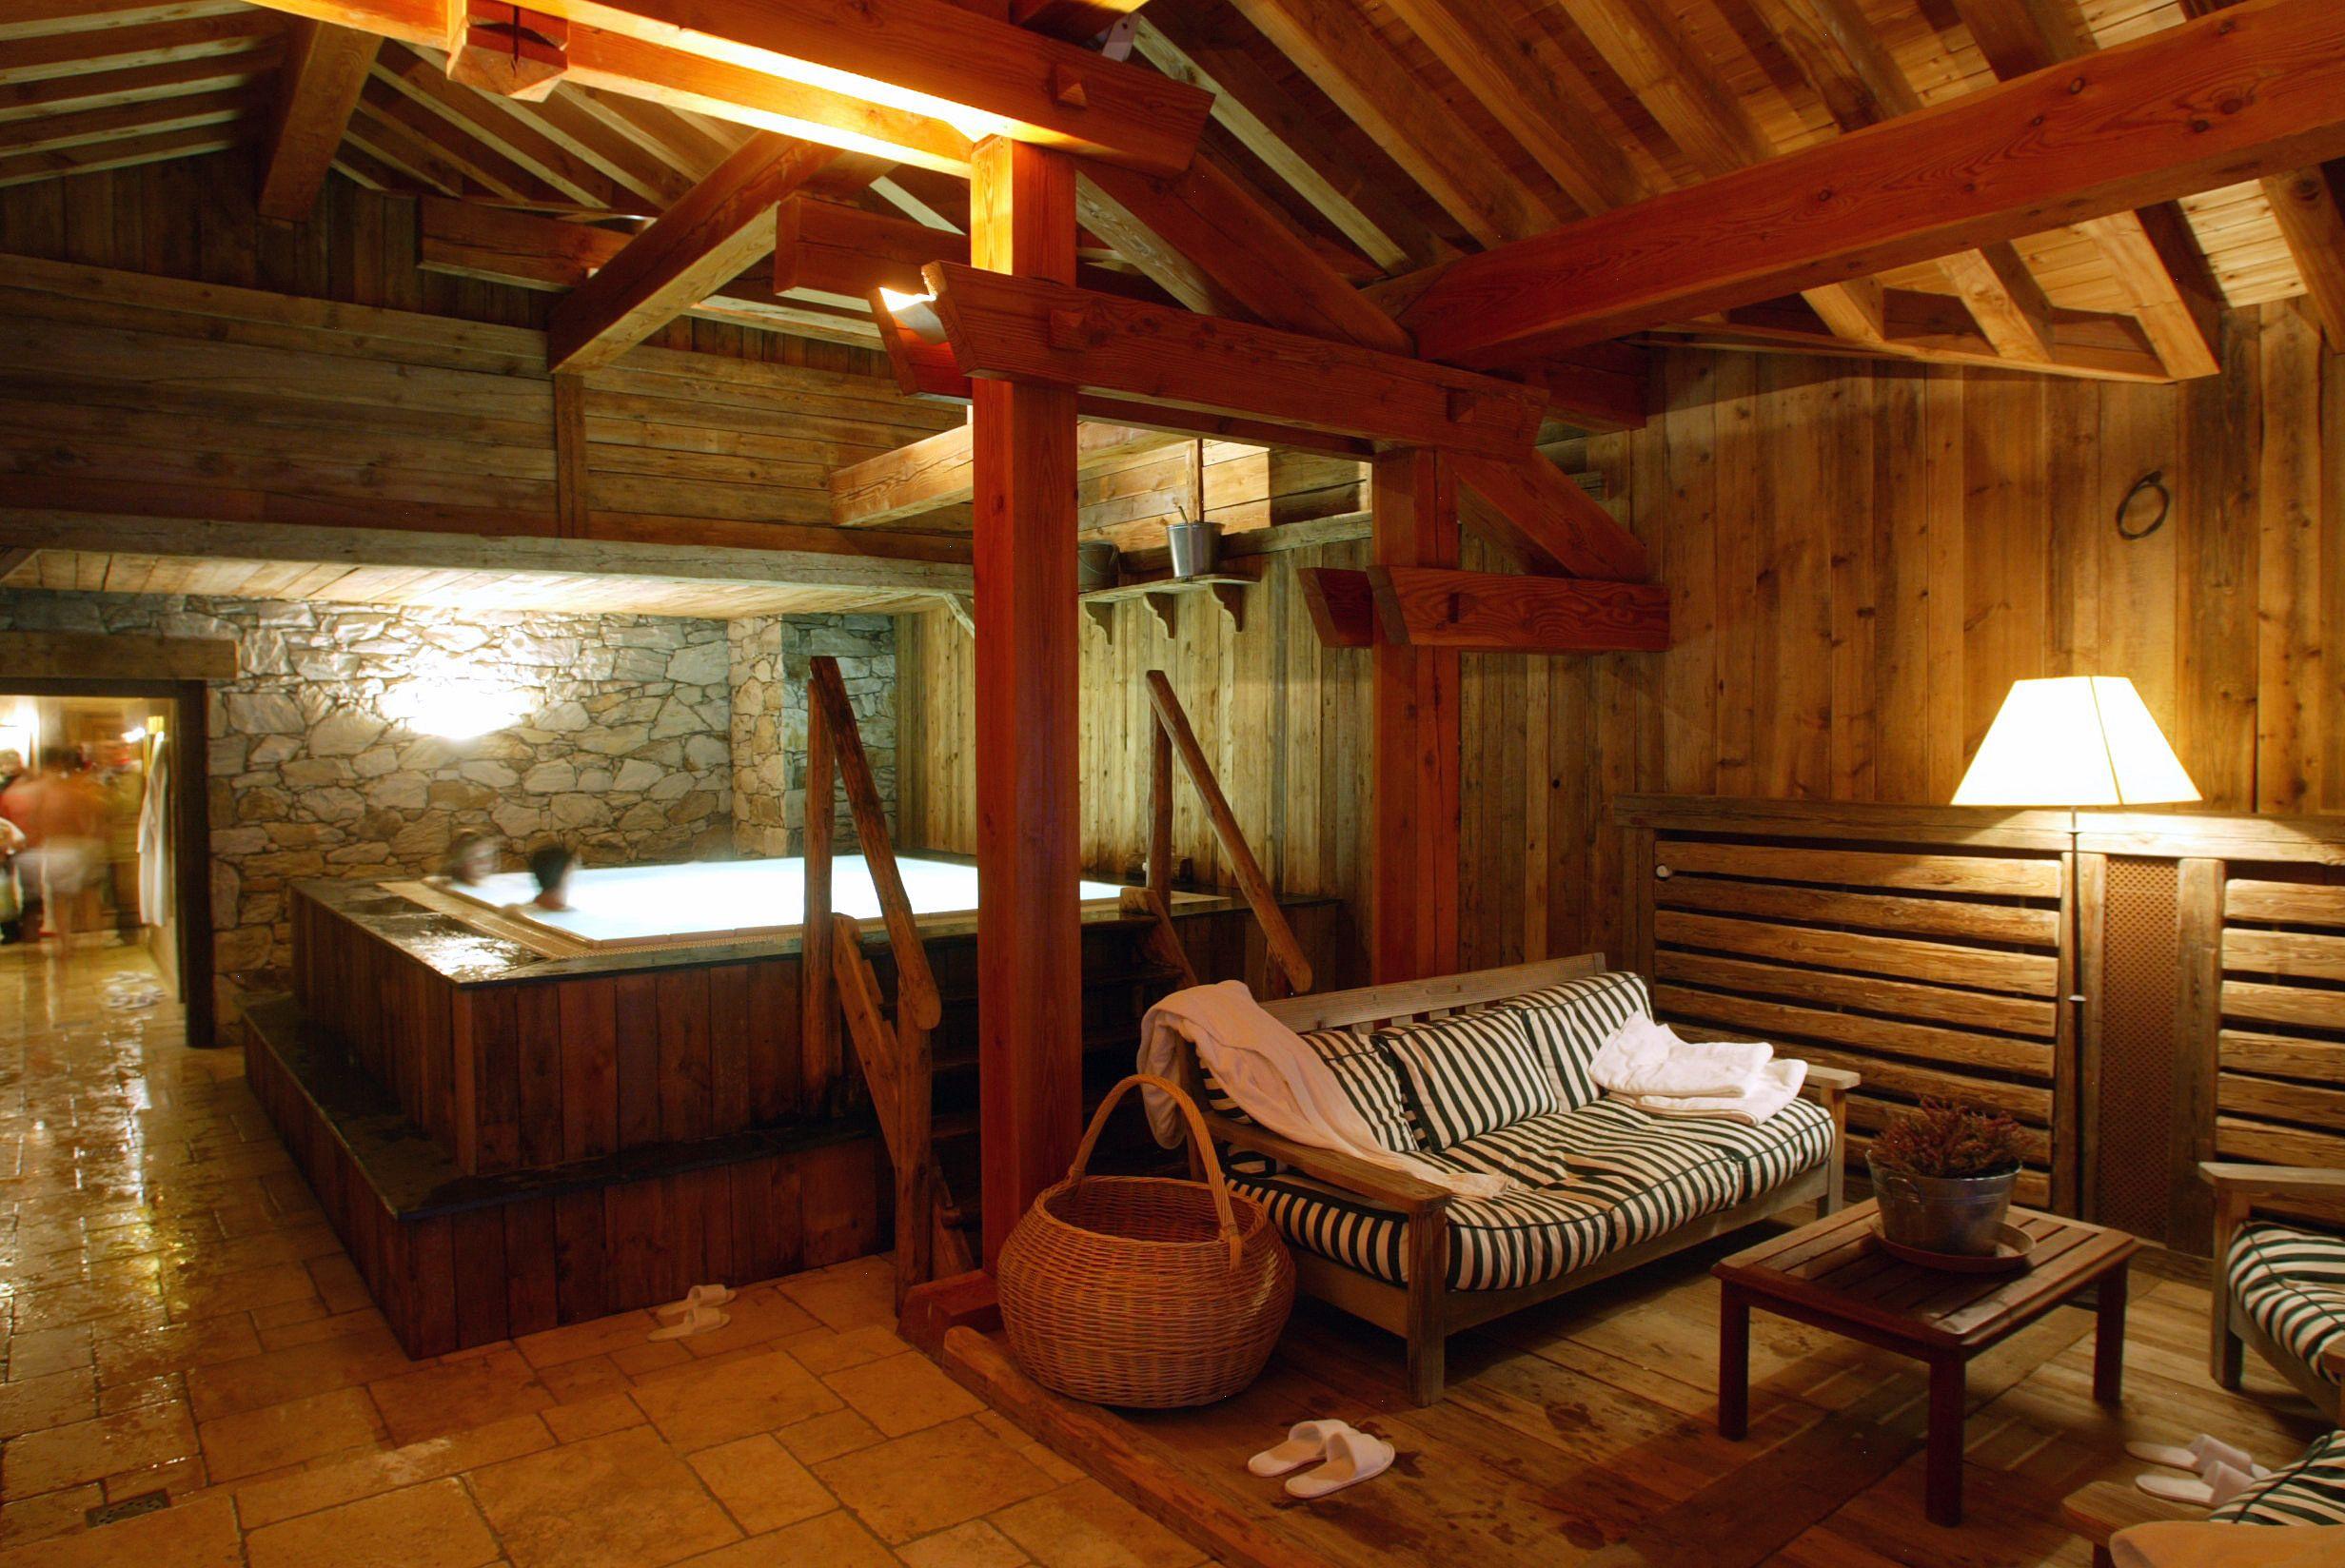 Ecologis maison bois gironde landes idées déco intérieur bois décoration maison